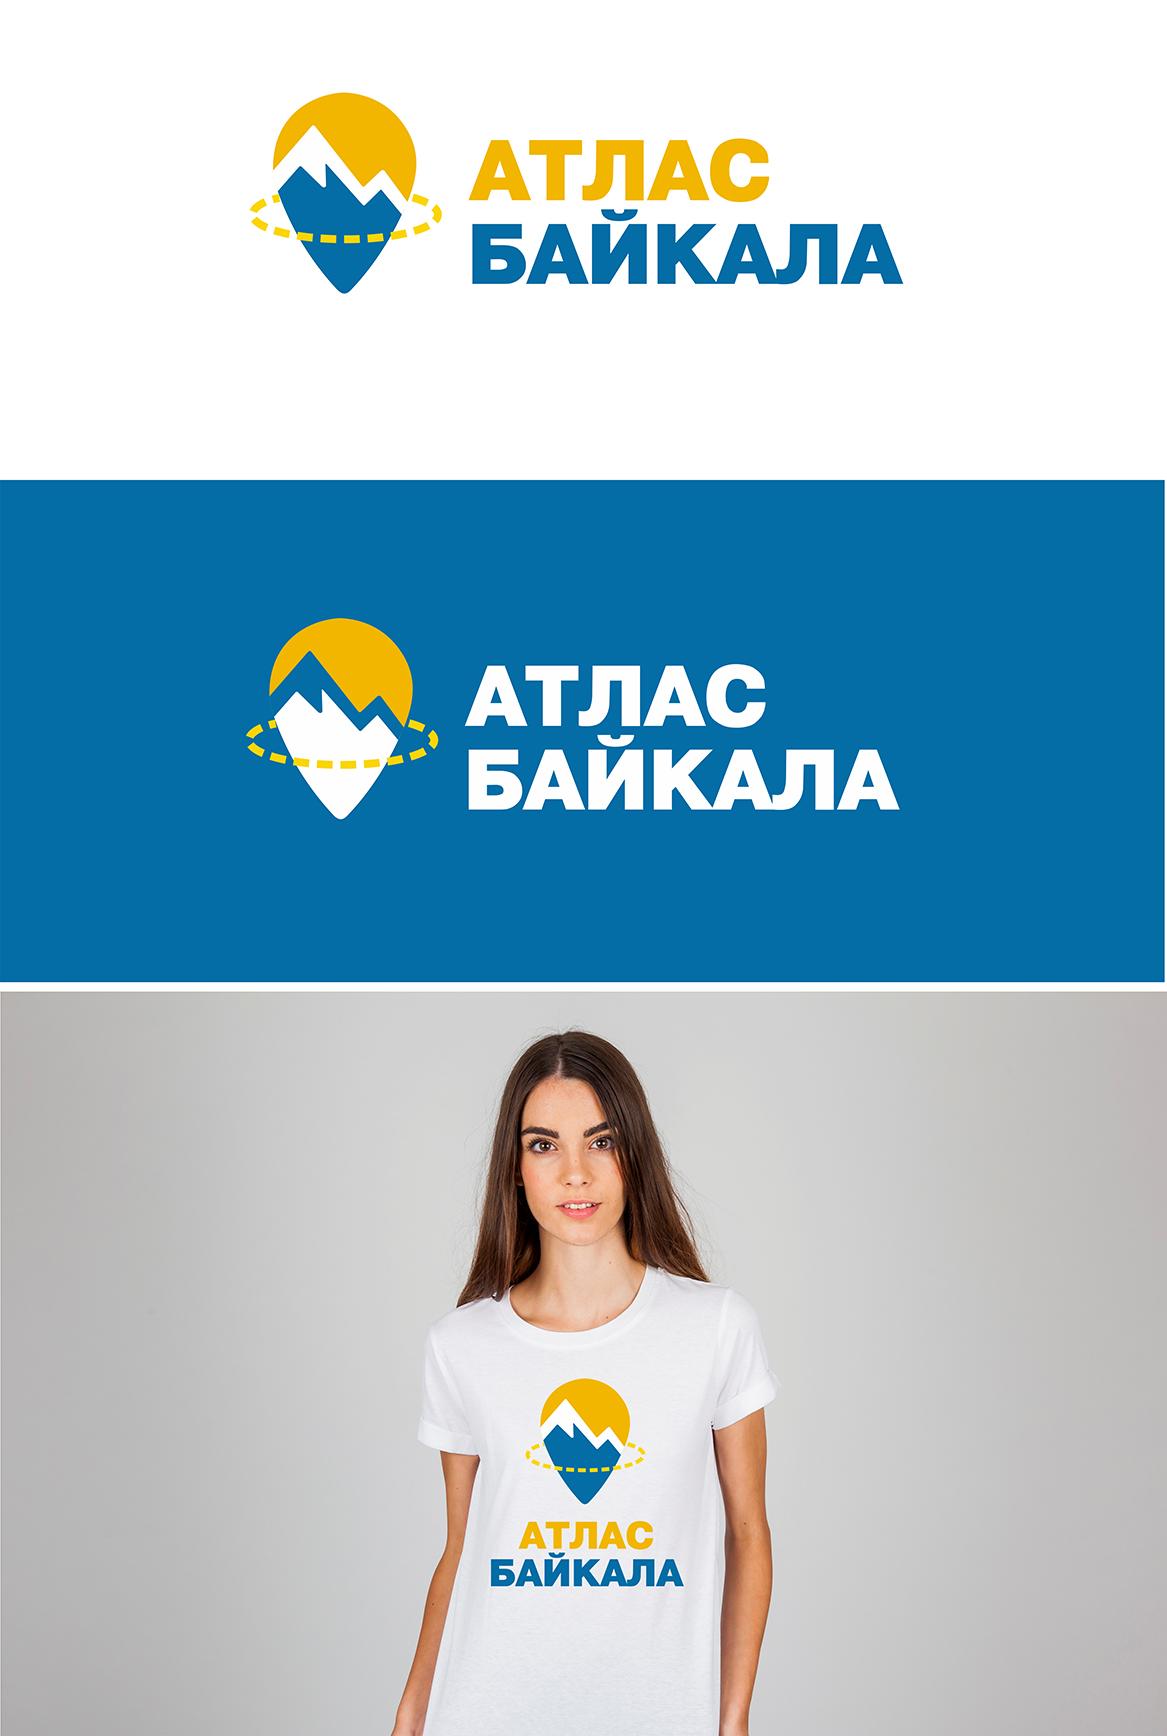 Разработка логотипа Атлас Байкала фото f_6075b182e78a2e34.jpg